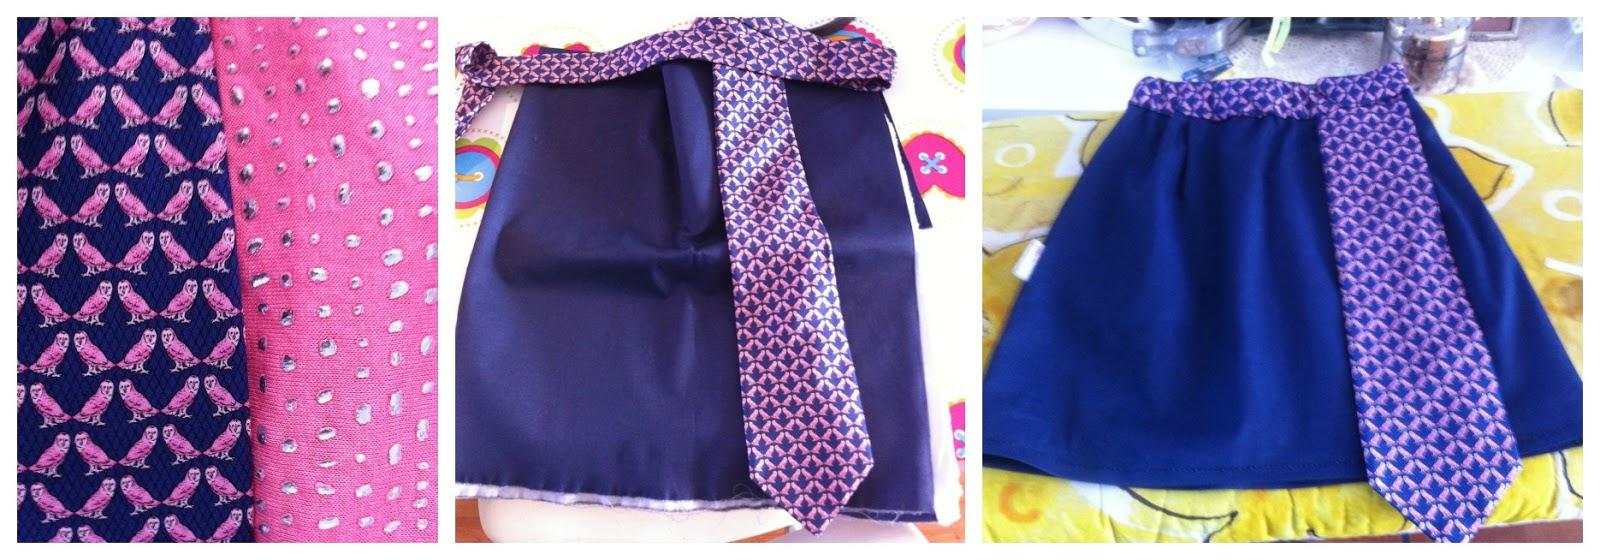 30d829b9bf7cfa Het verschil met de rok van Eefke is dat ik hier de stropdas niet heb  geplooit. Het was nl best een uitdaging voor mijn naaimachine om door  zoveel lagen ...